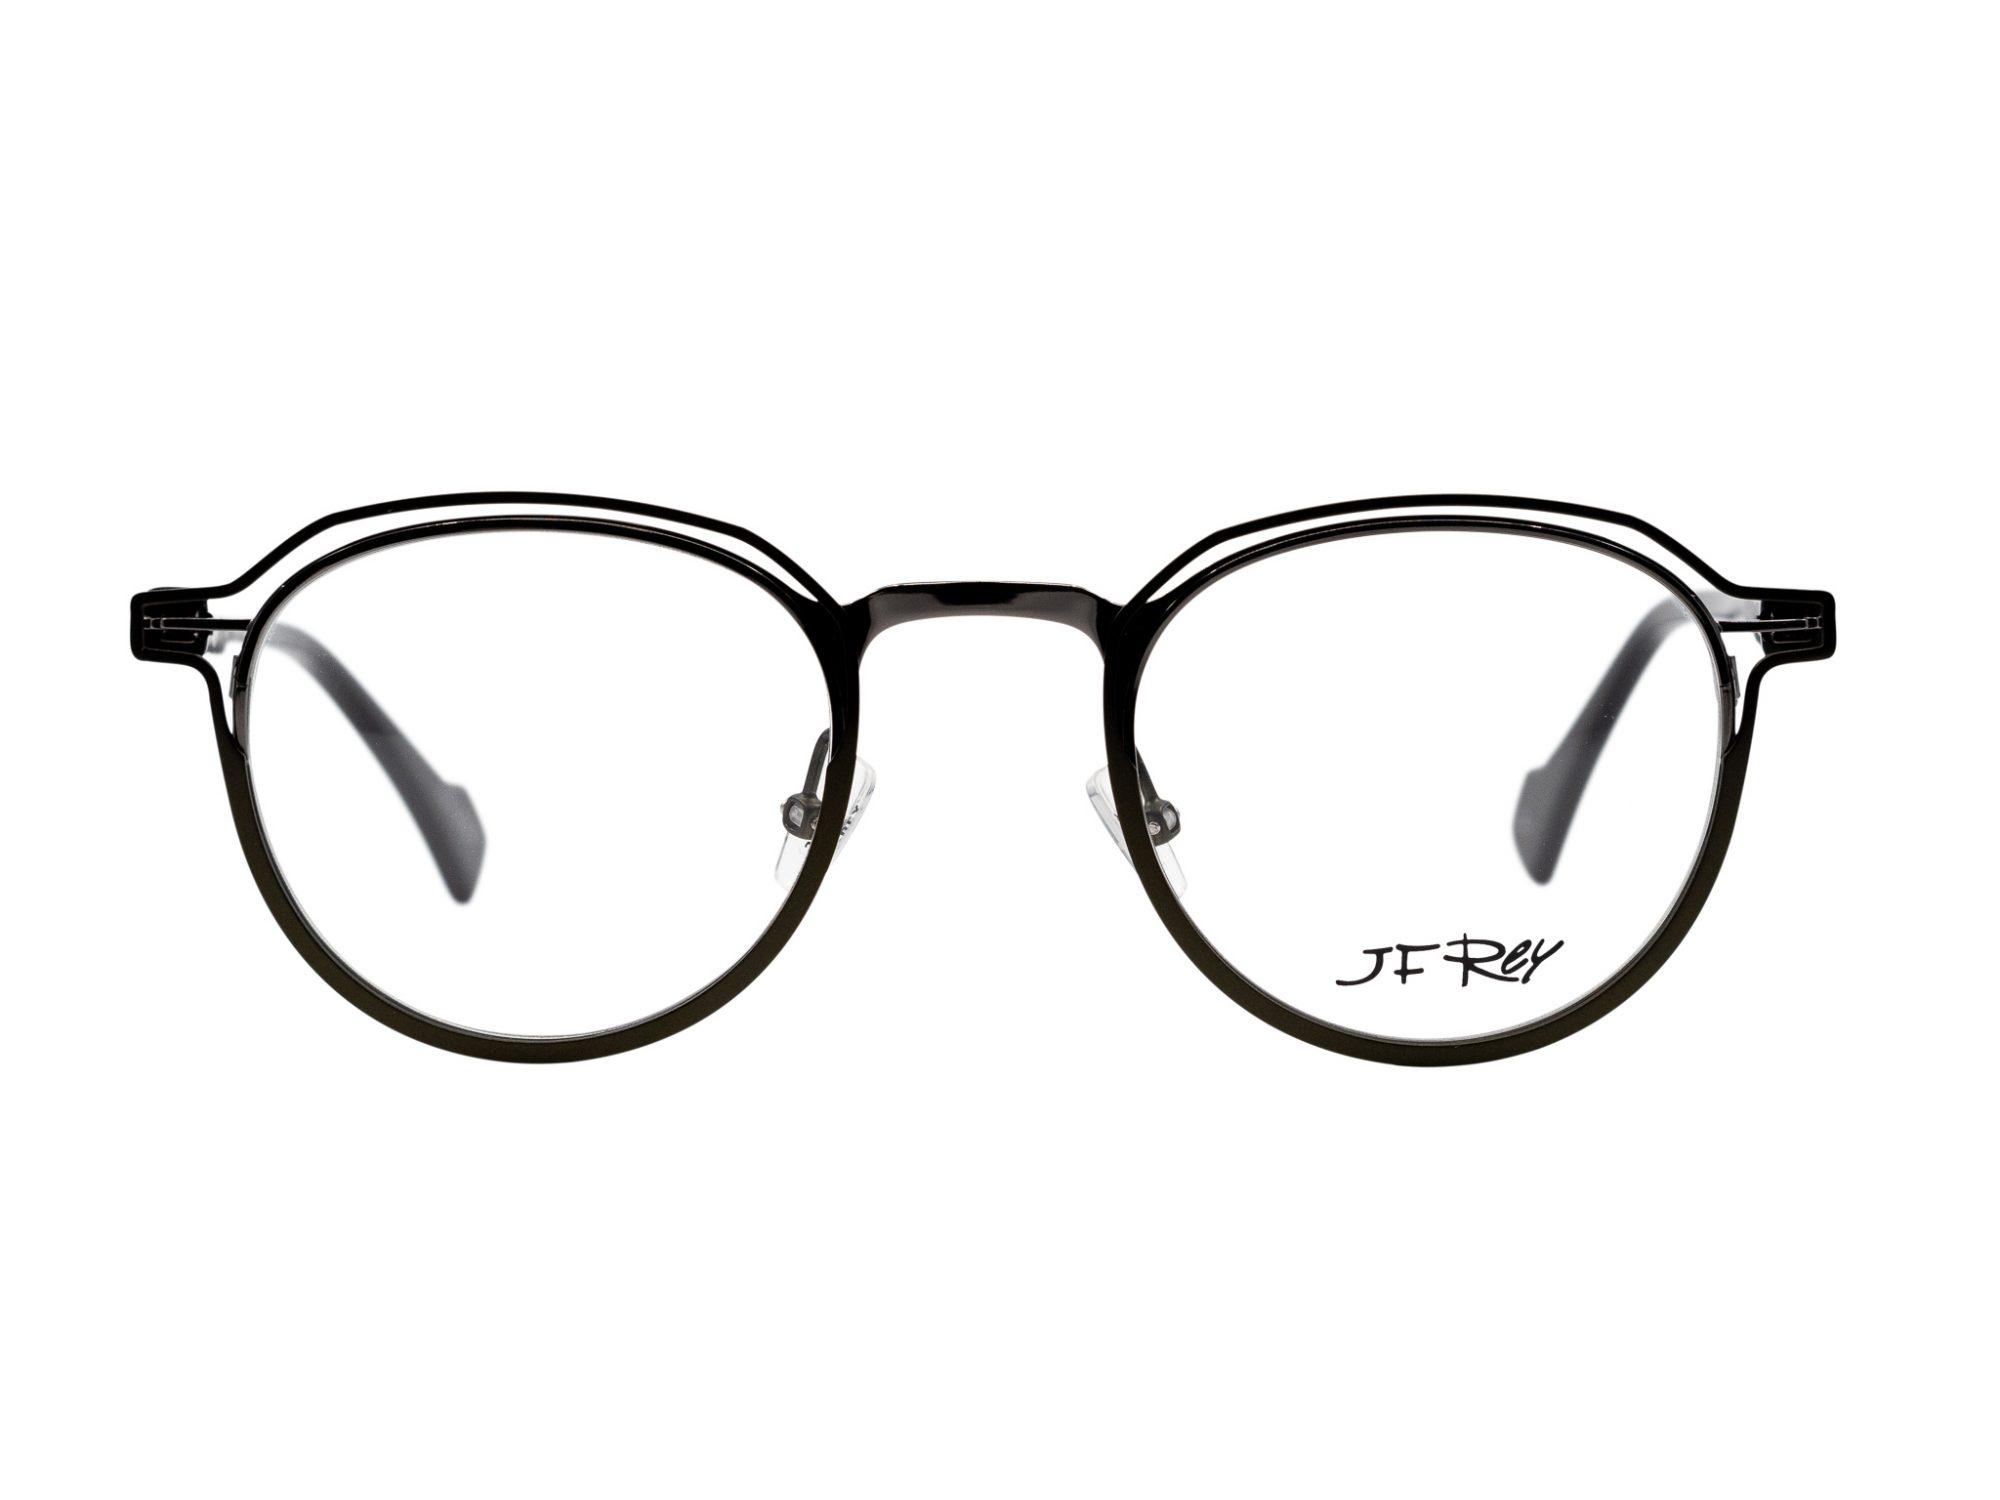 JF Rey 2891 4505